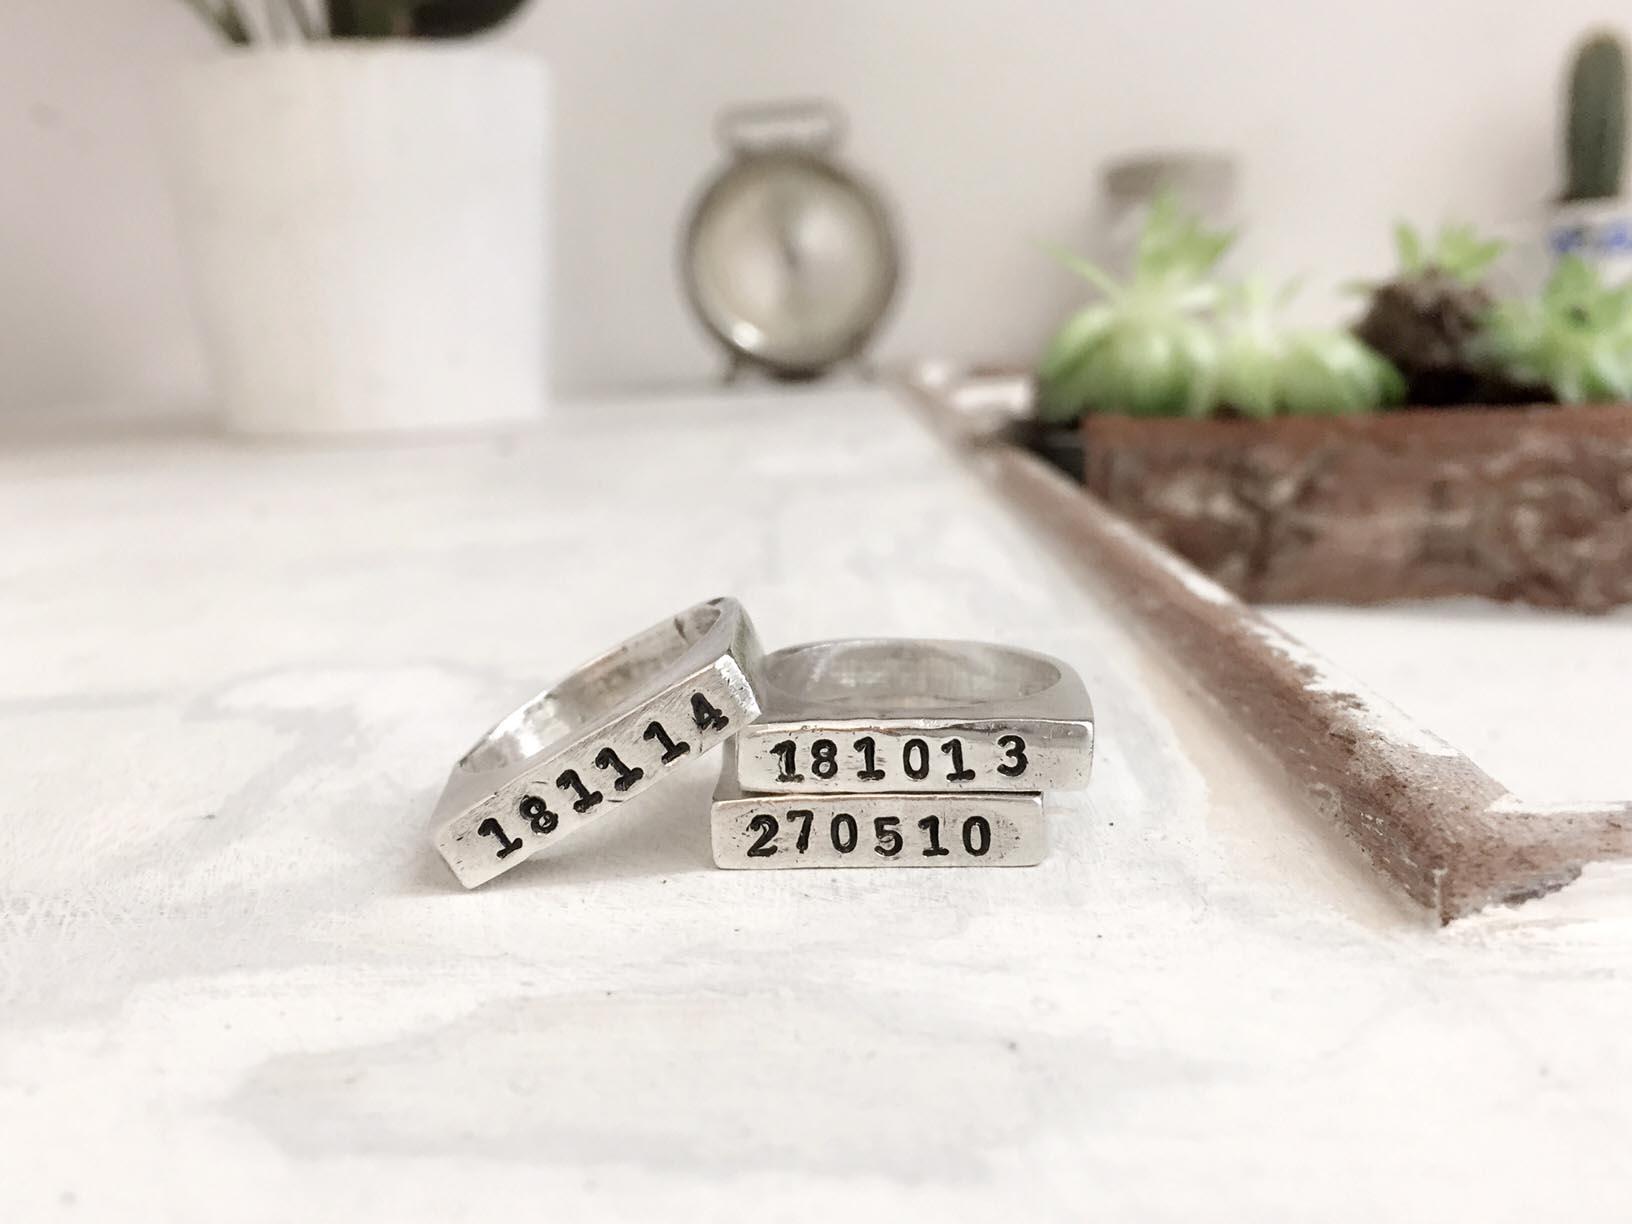 anelli con data incisa